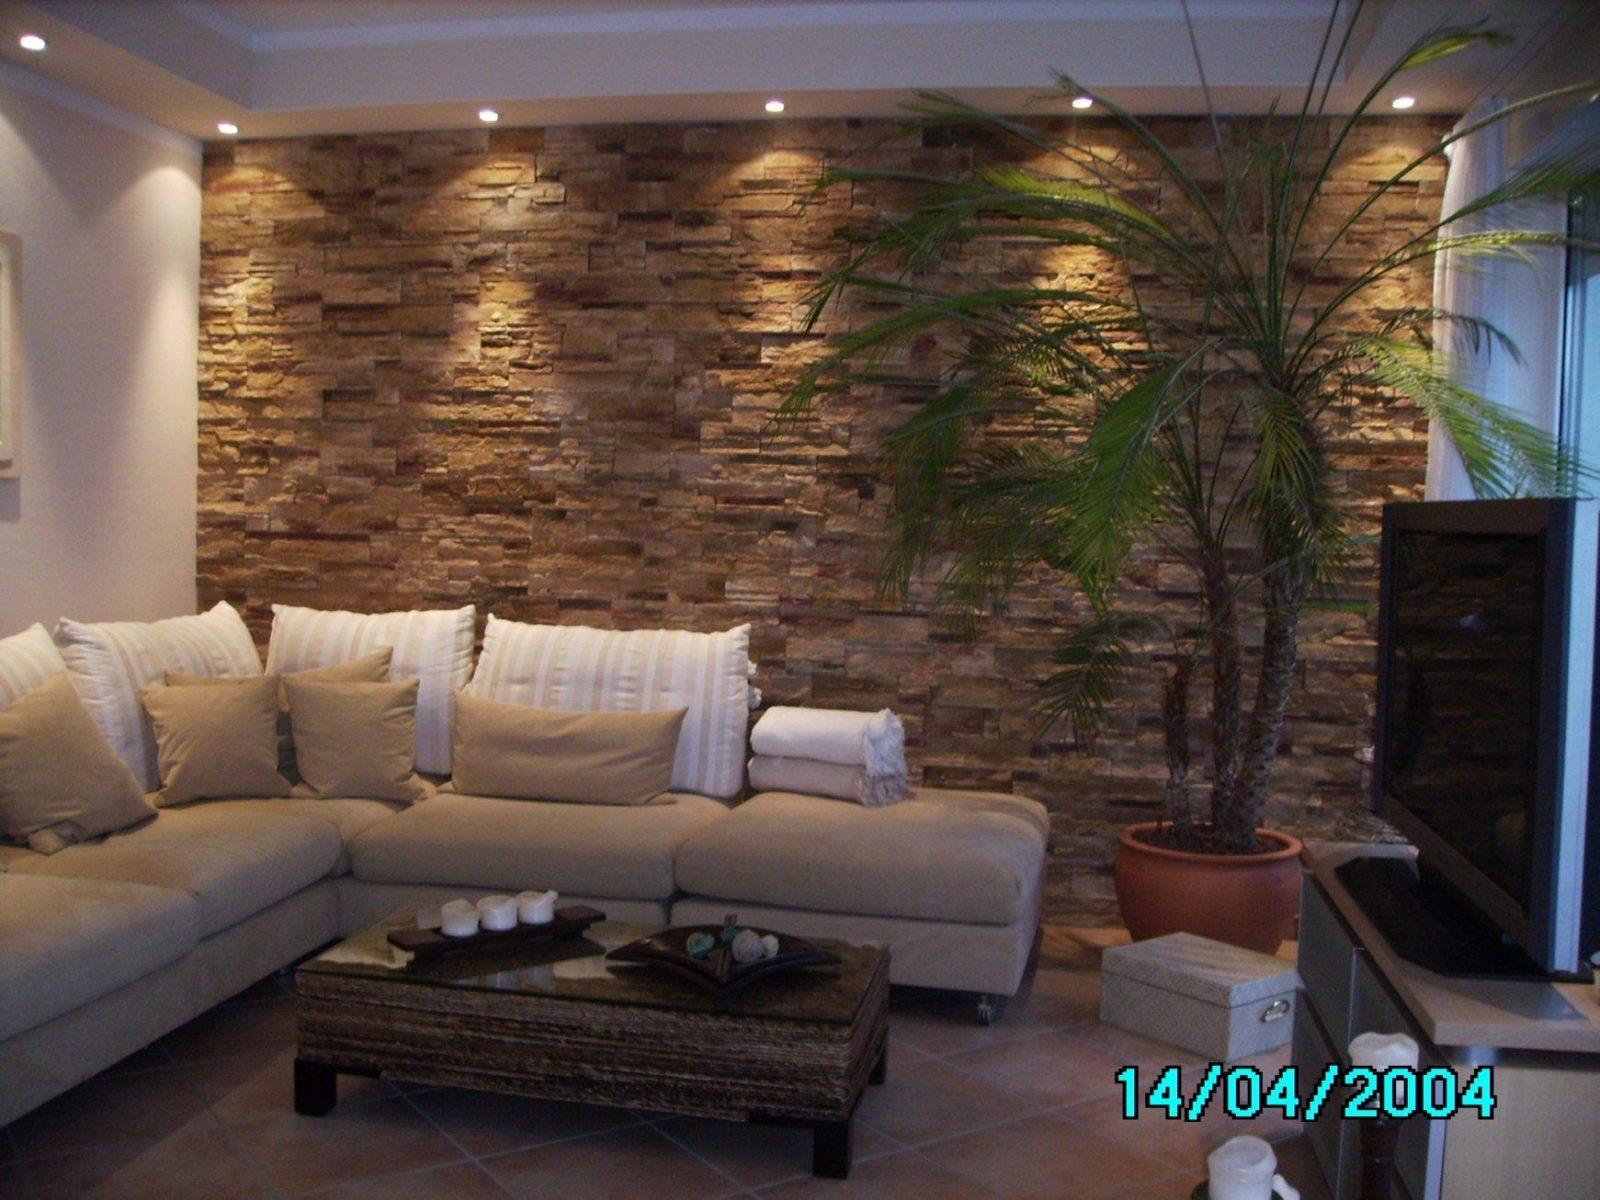 Spectacular Design Wände Mit Steinen Gestalten – Melian Ie Morgan von Wand Mit Steinen Verkleiden Bild